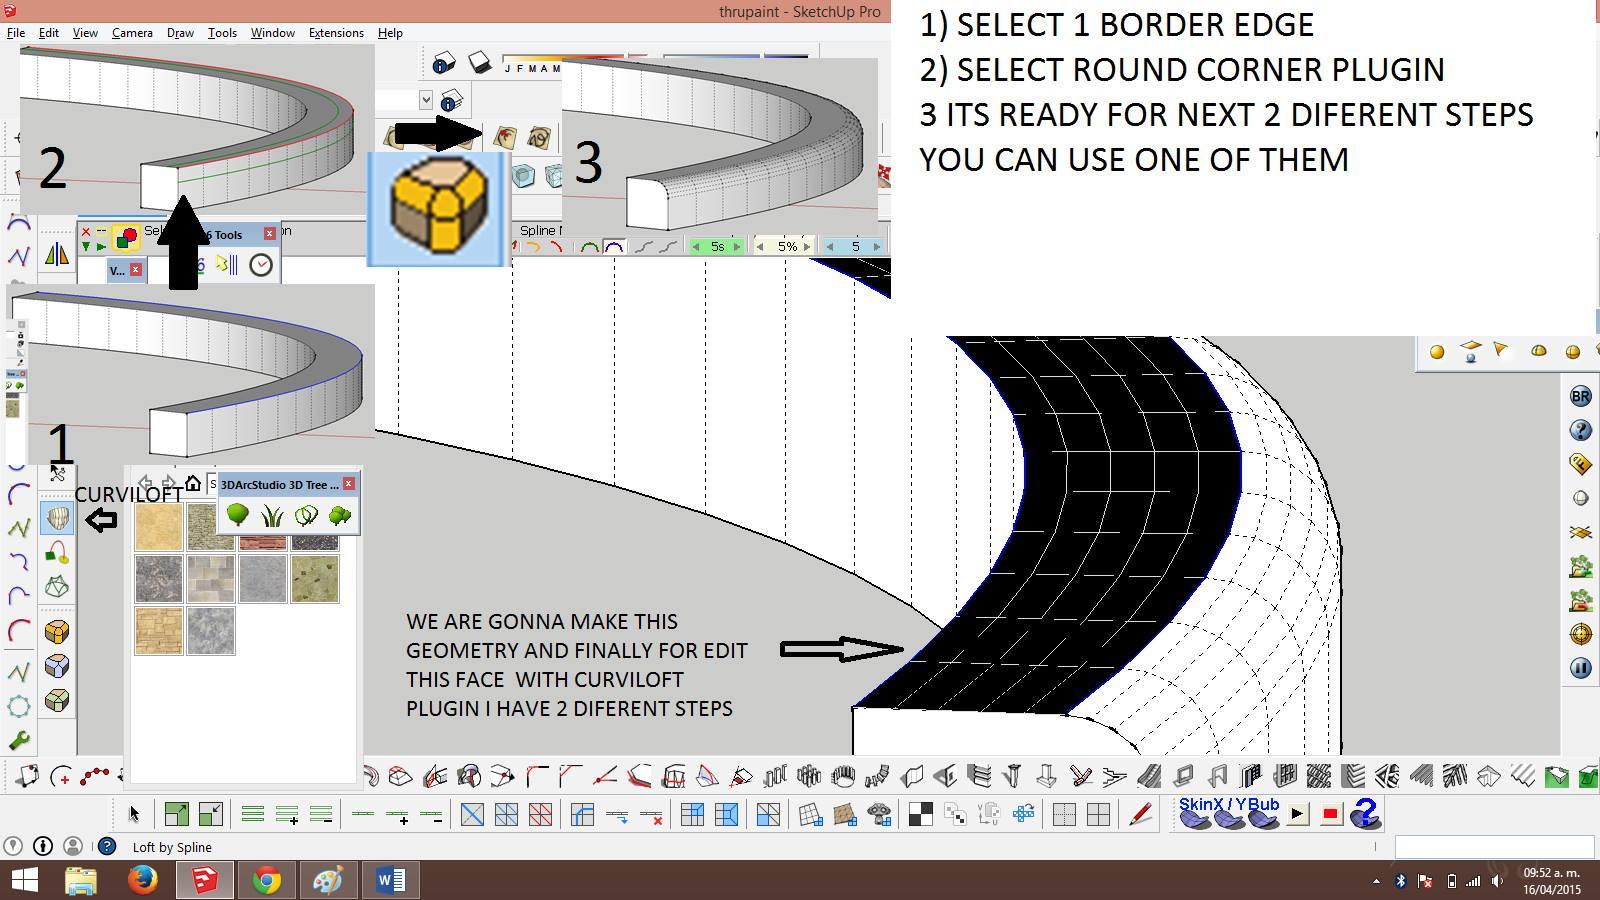 Round corner plugin sketchup 8 free download | SketchUp Plugins